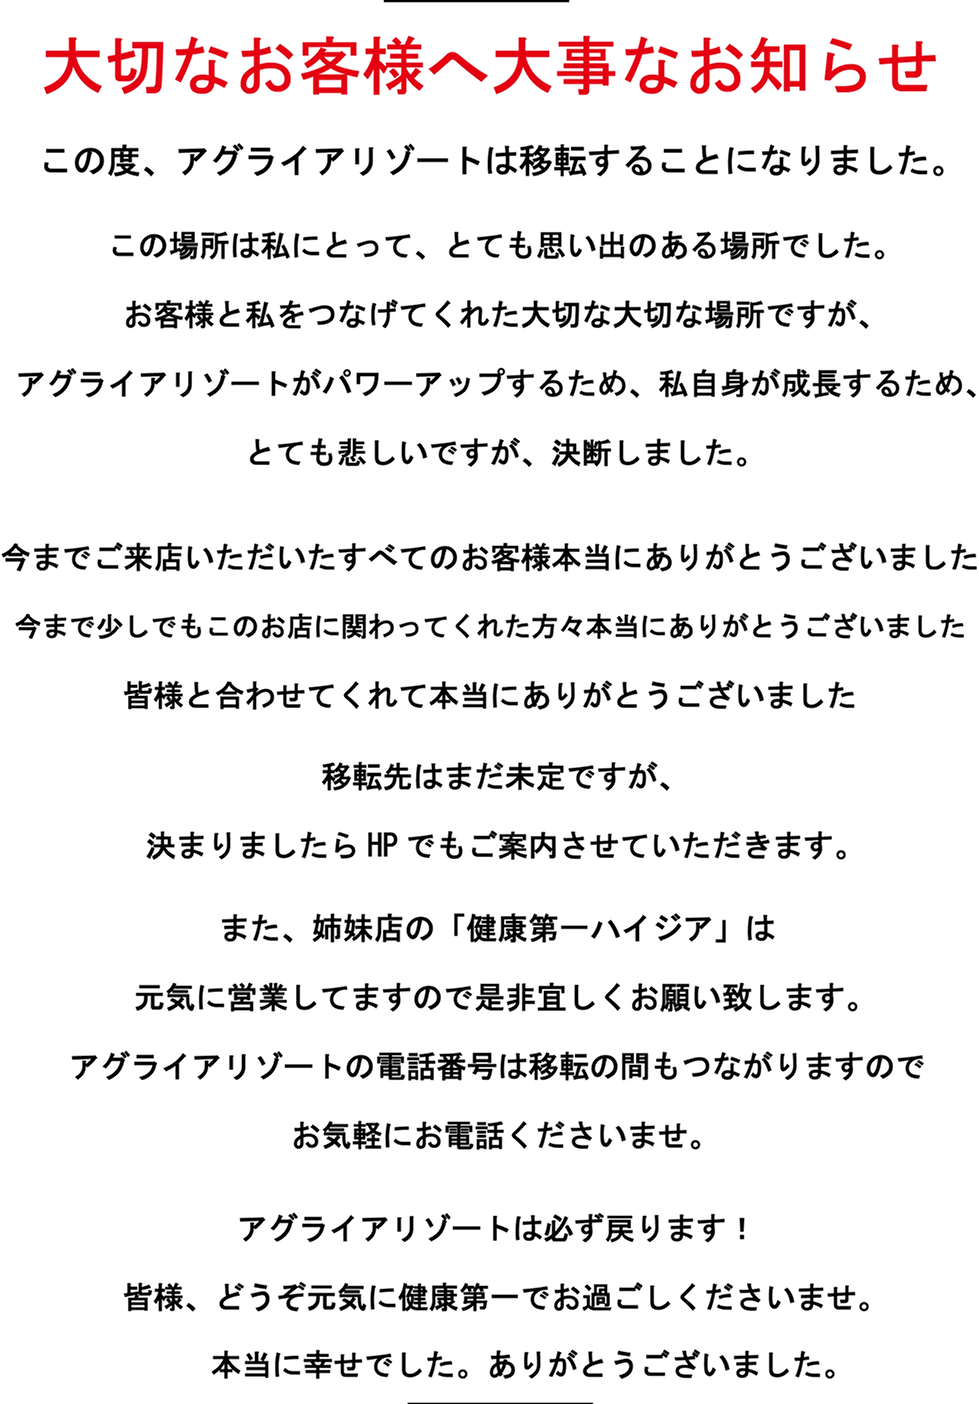 移転のお知らせ.png